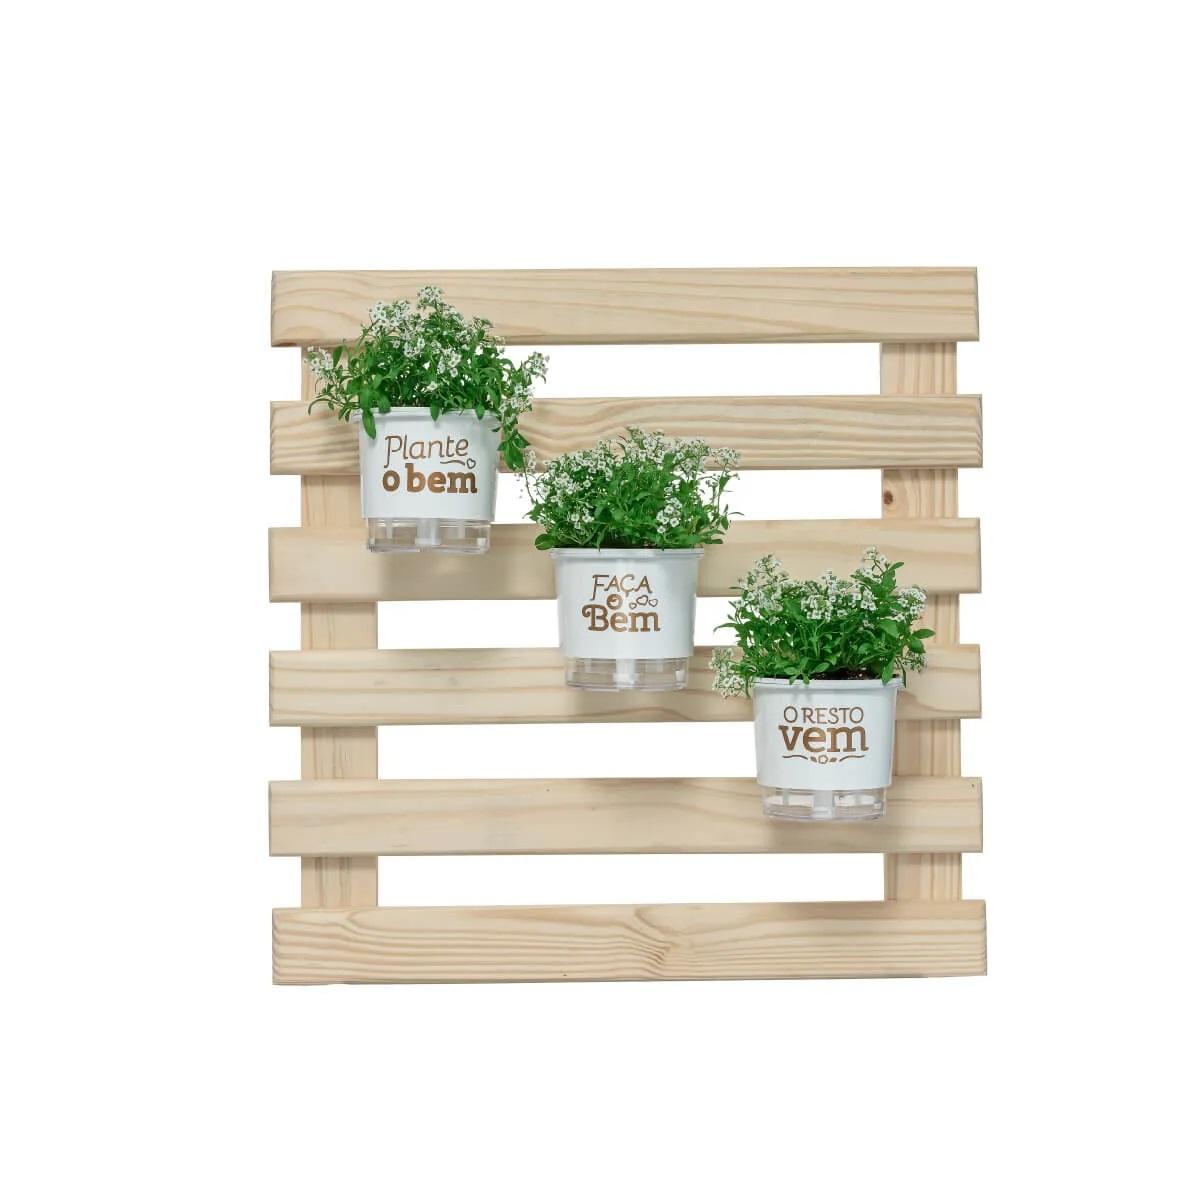 Kit Jardim Vertical 60cm x 60cm Plante o Bem Branco